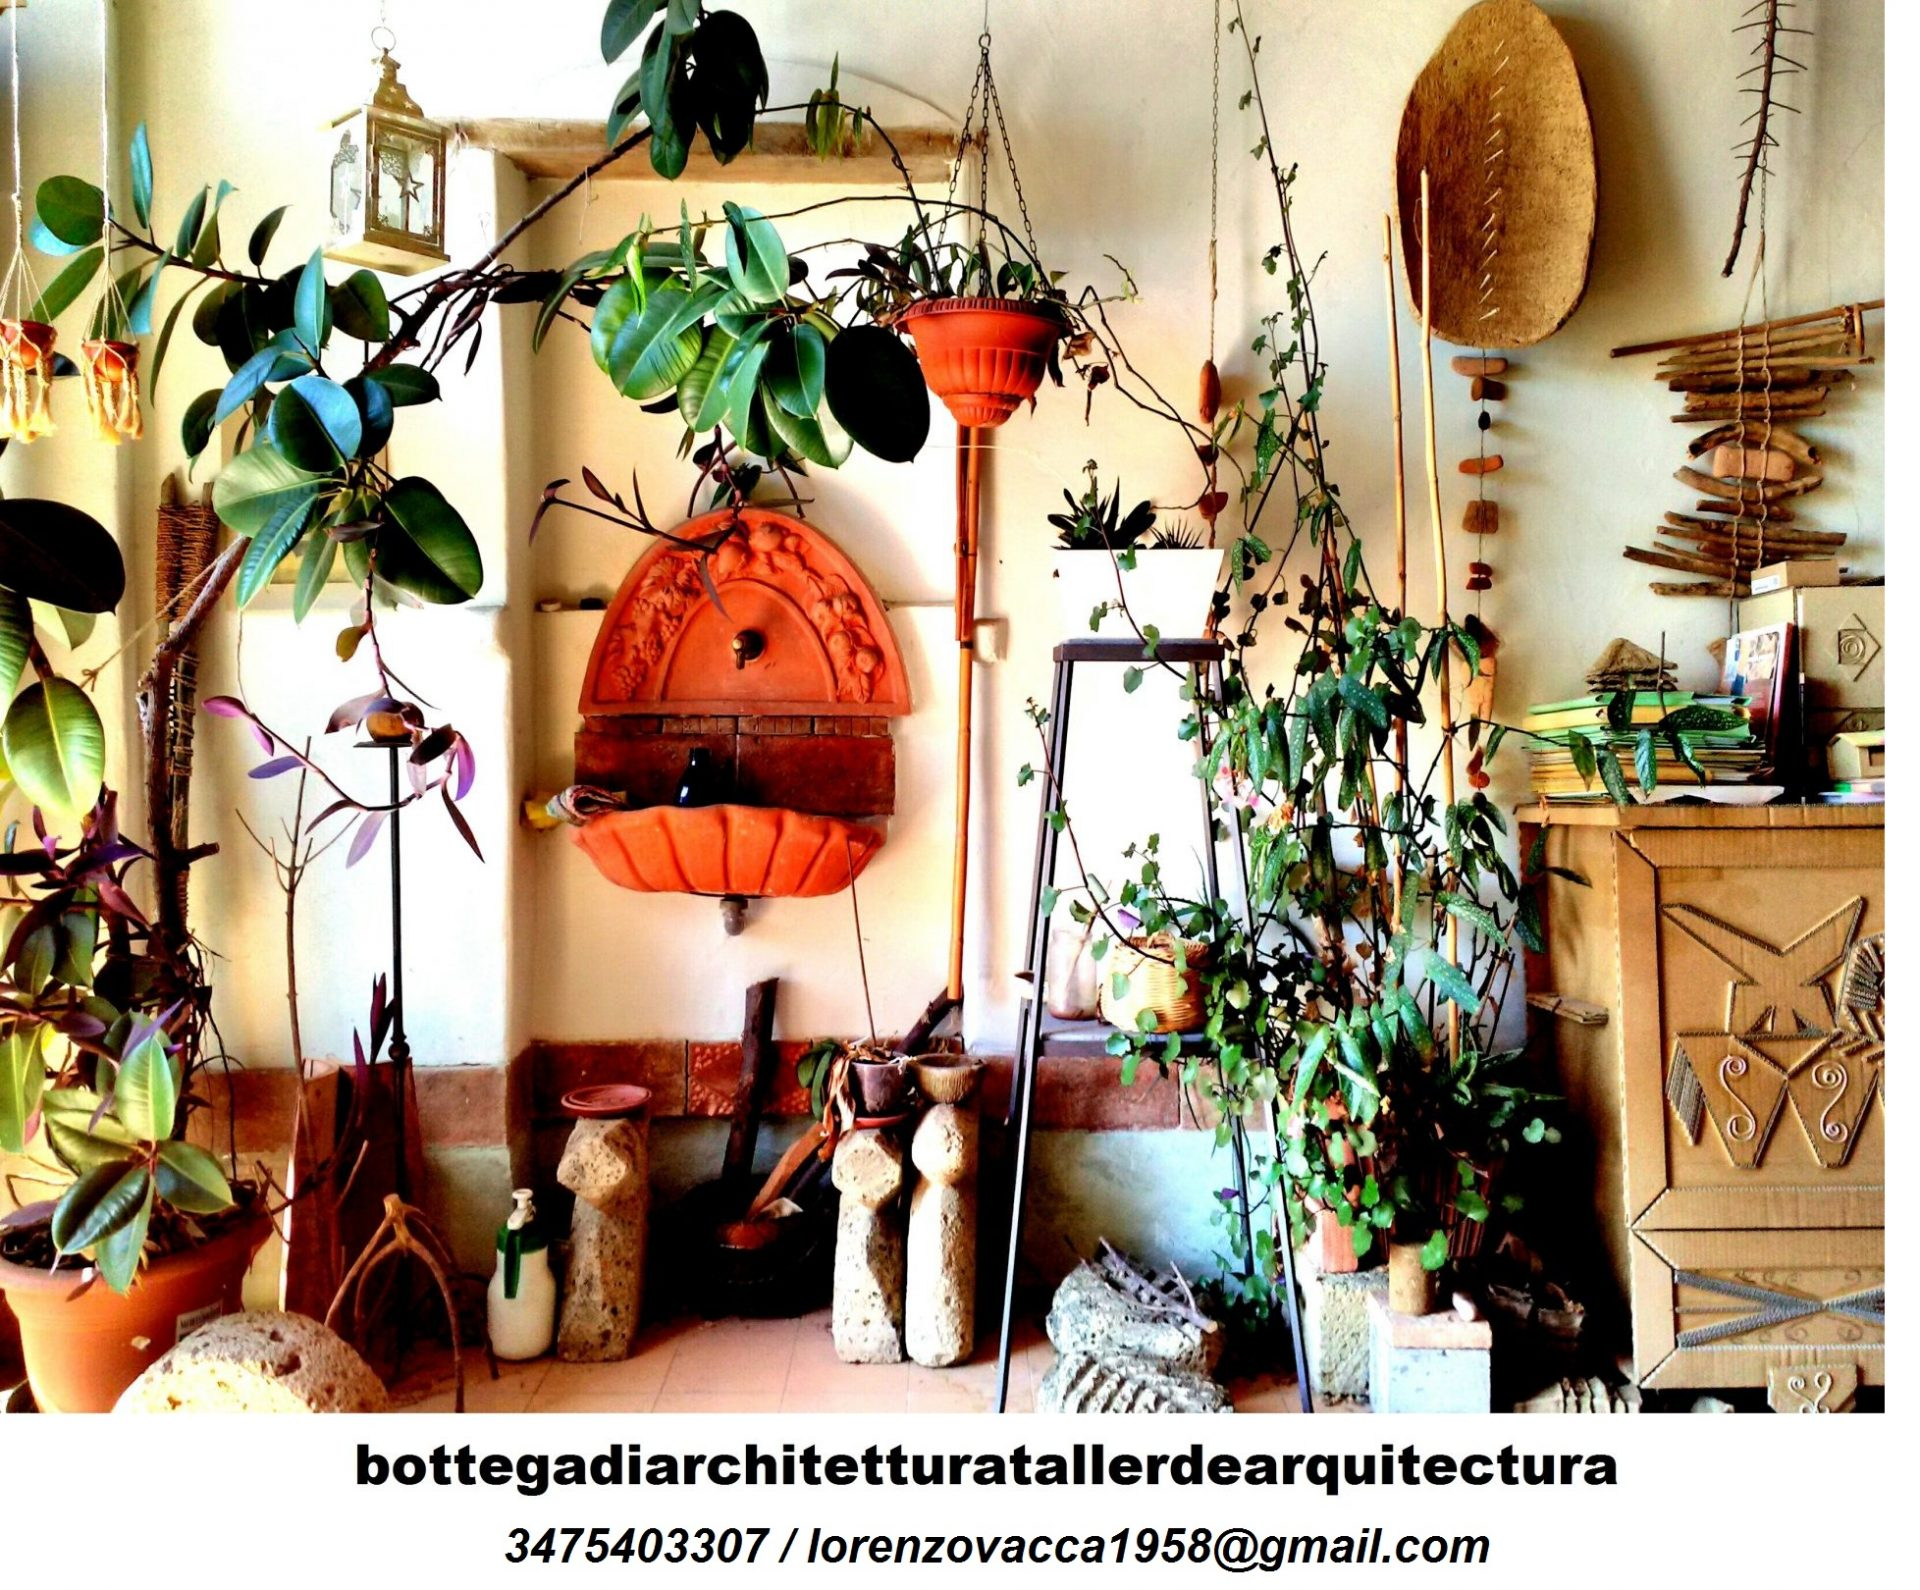 Fotografia dell'interno dello studio di architettura.